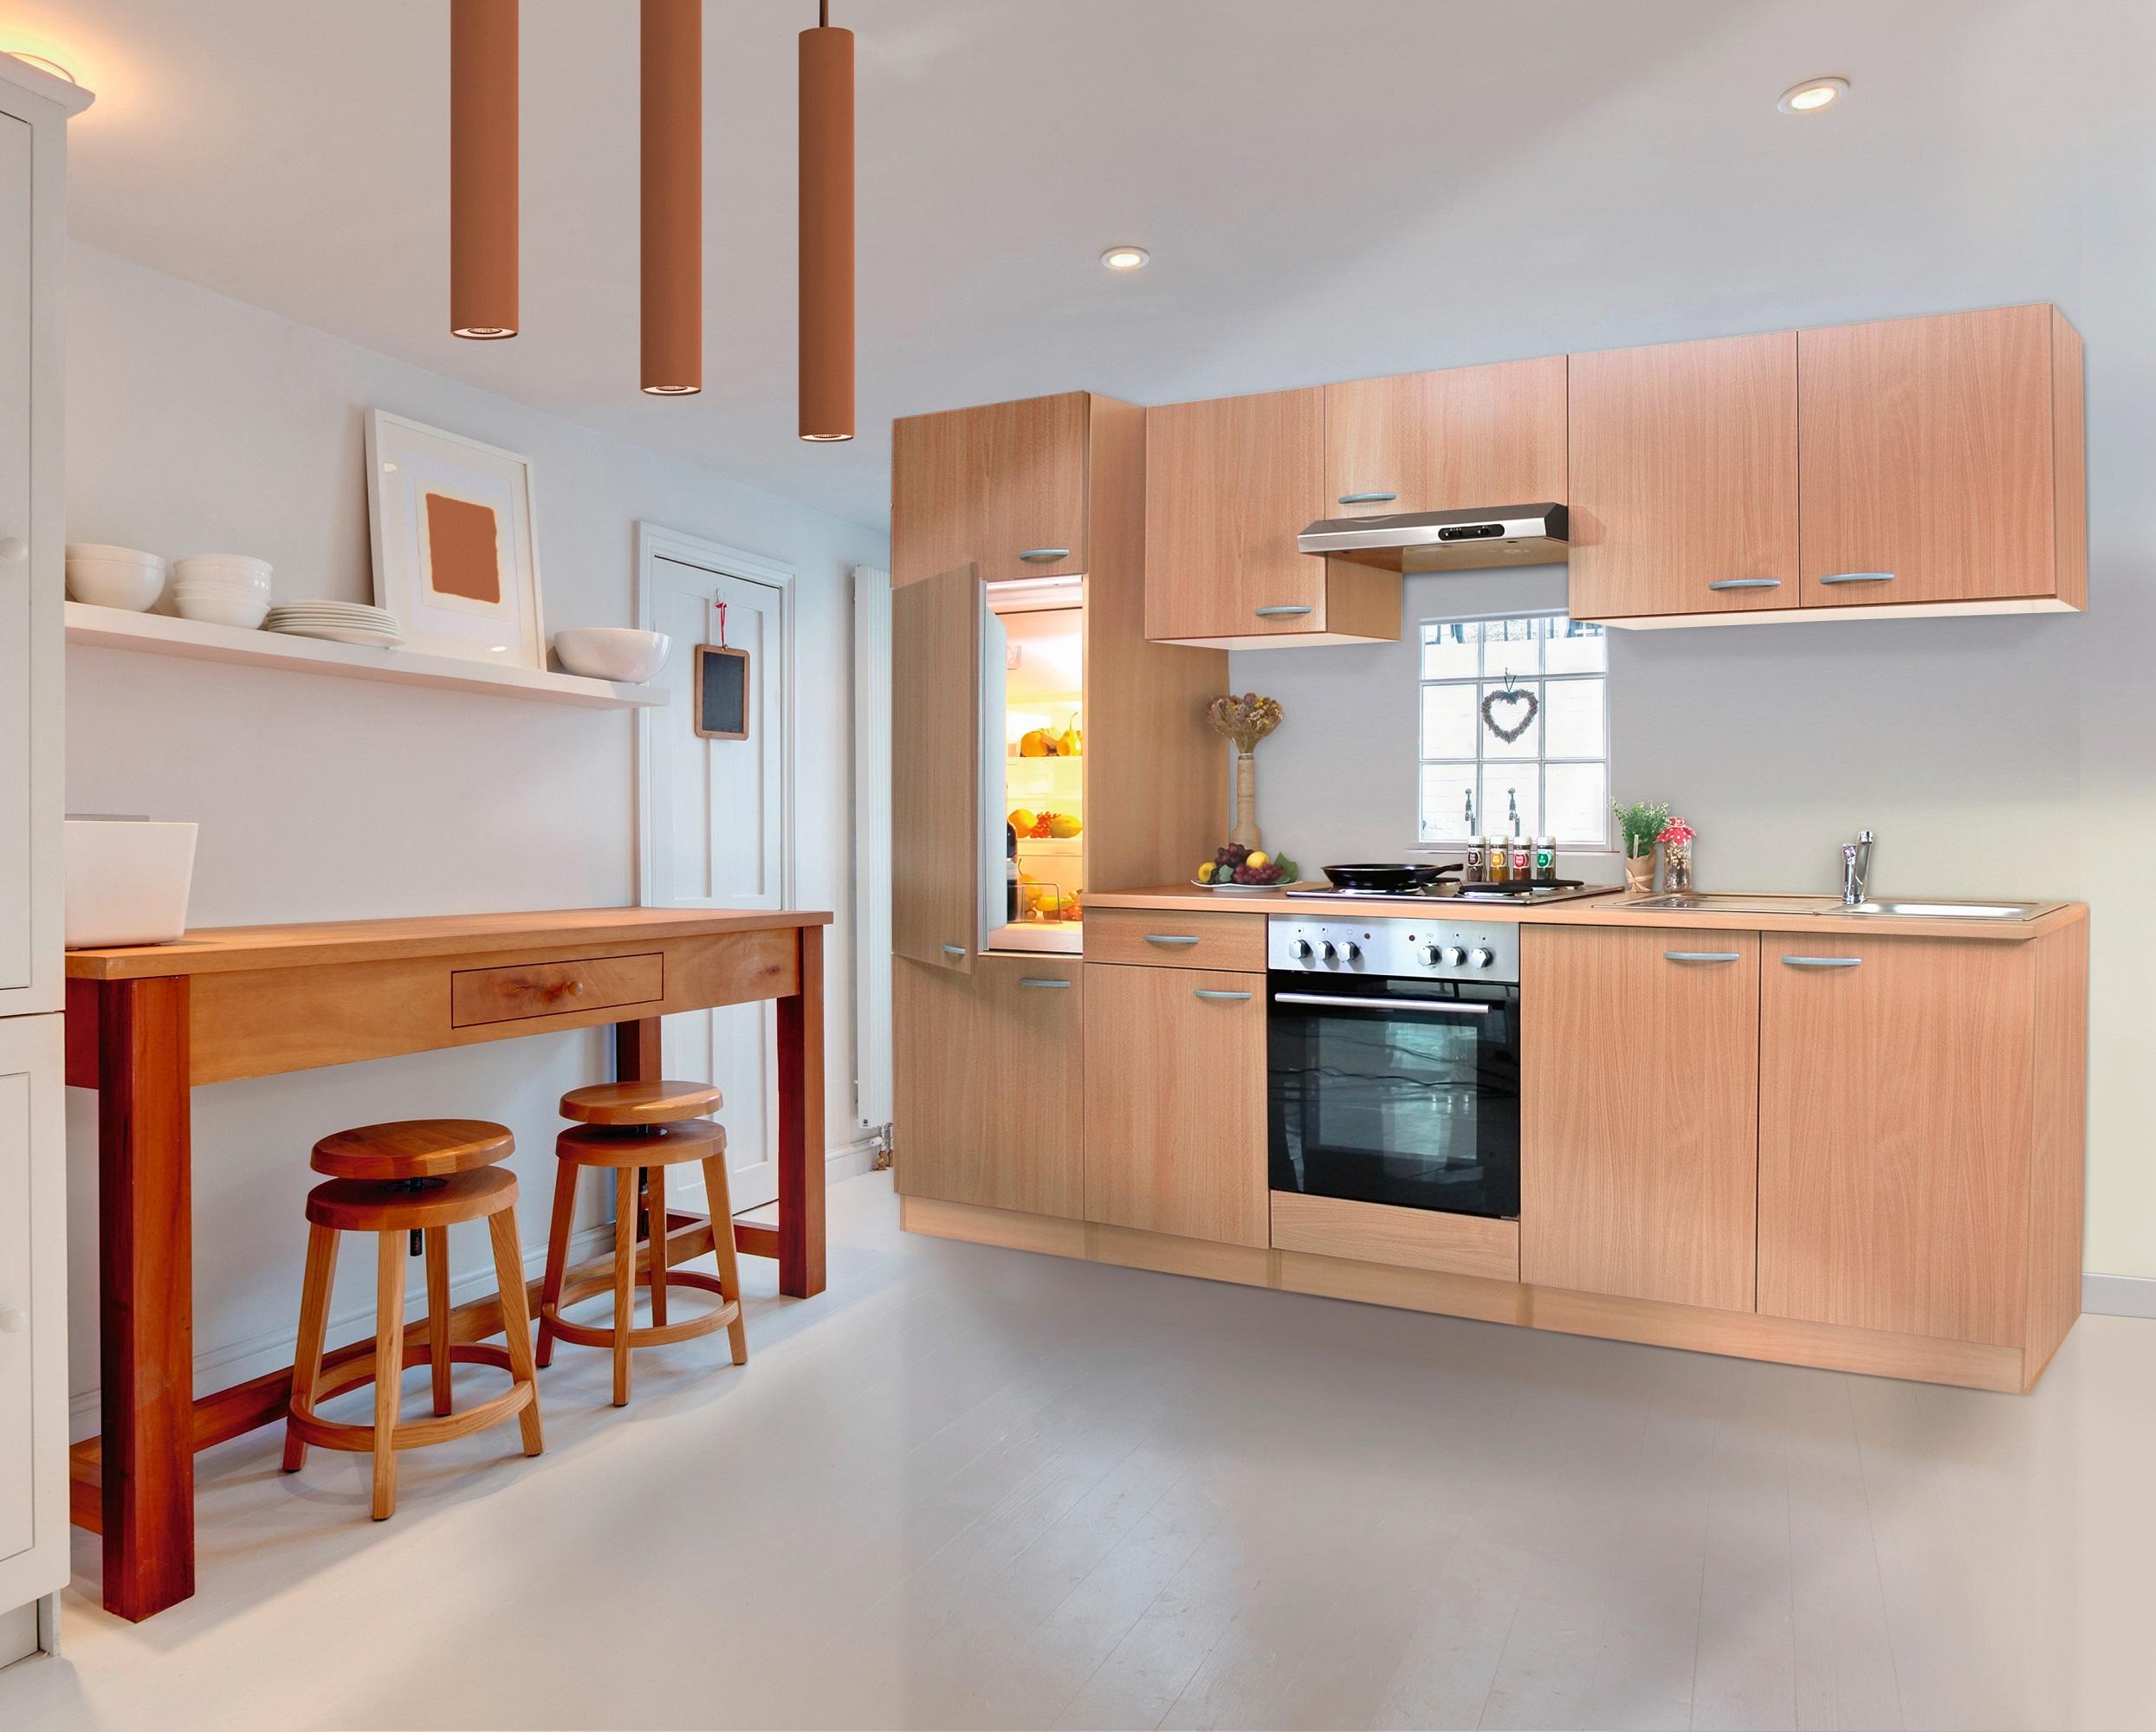 k che k chenzeile k chenblock einbauk che komplettk che 270 cm buche respekta ebay. Black Bedroom Furniture Sets. Home Design Ideas